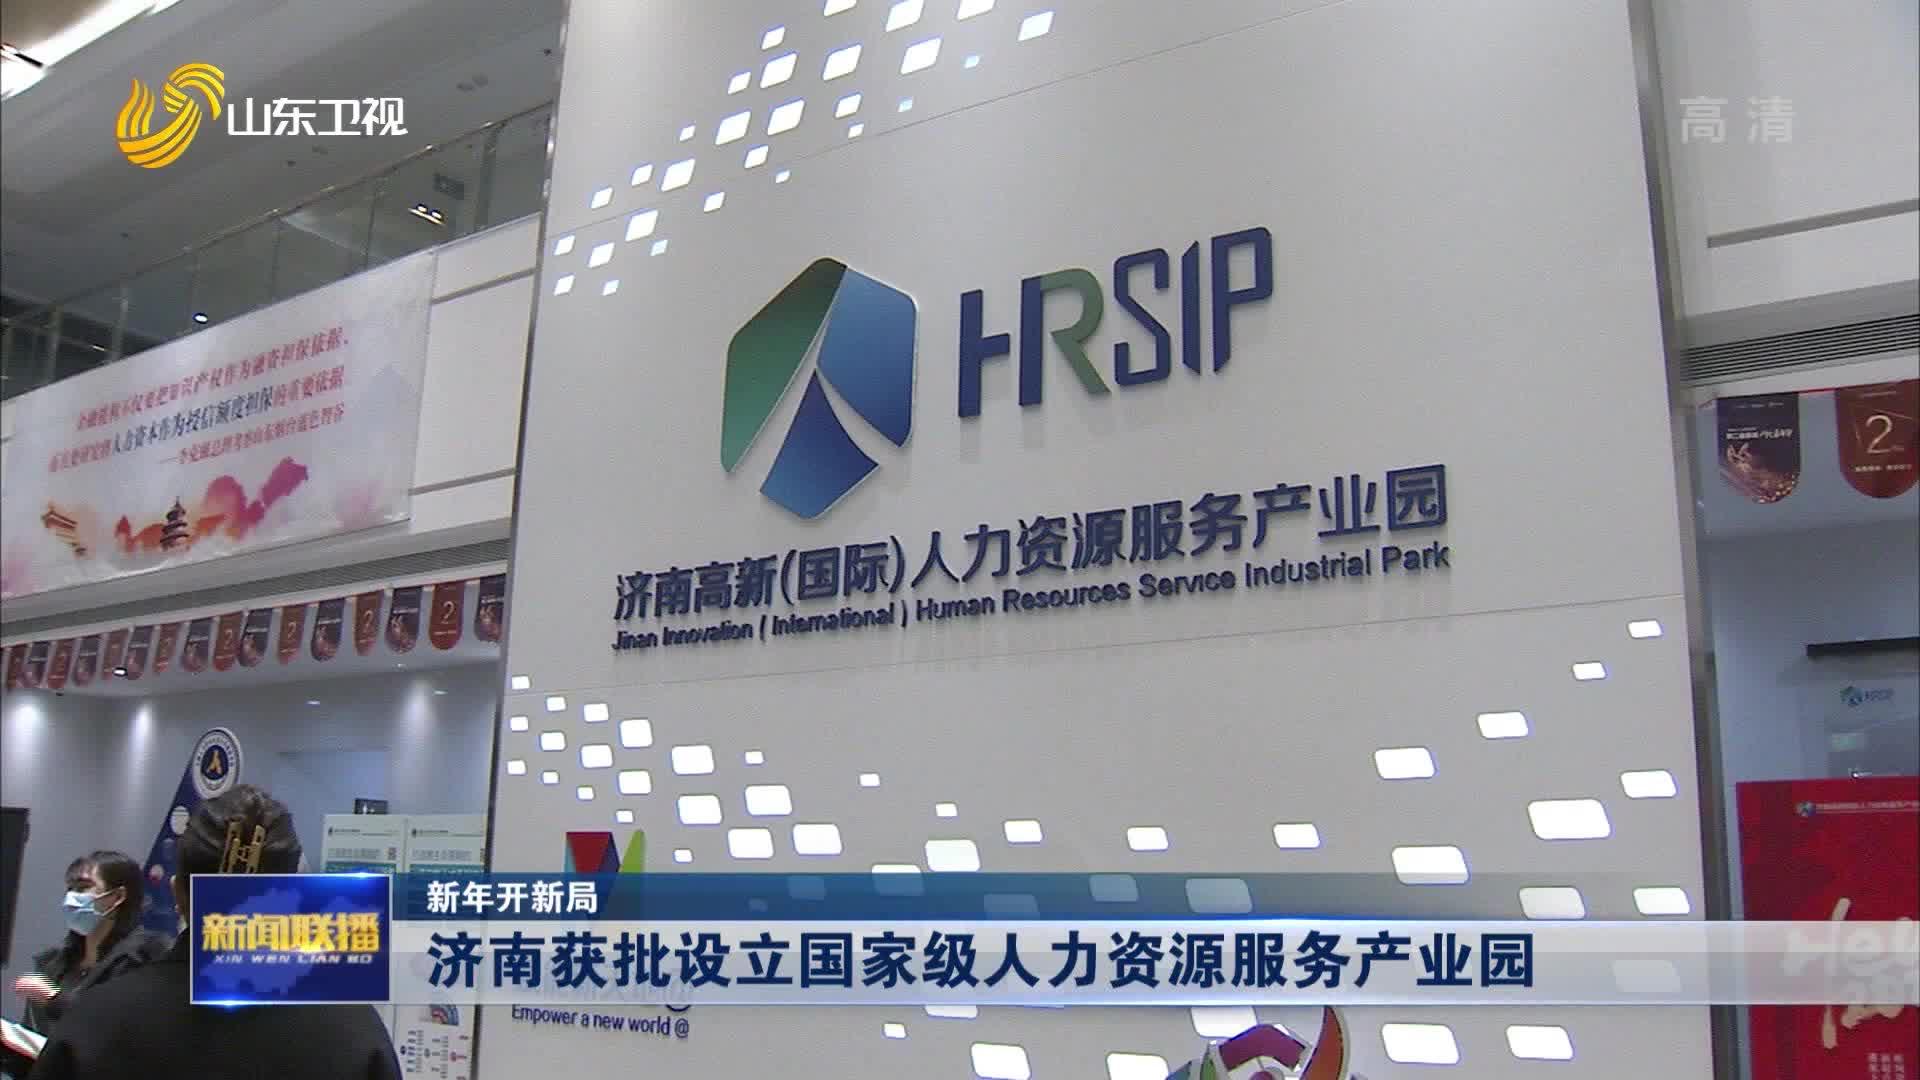 【新年开新局】济南获批设立国家级人力资源服务产业园